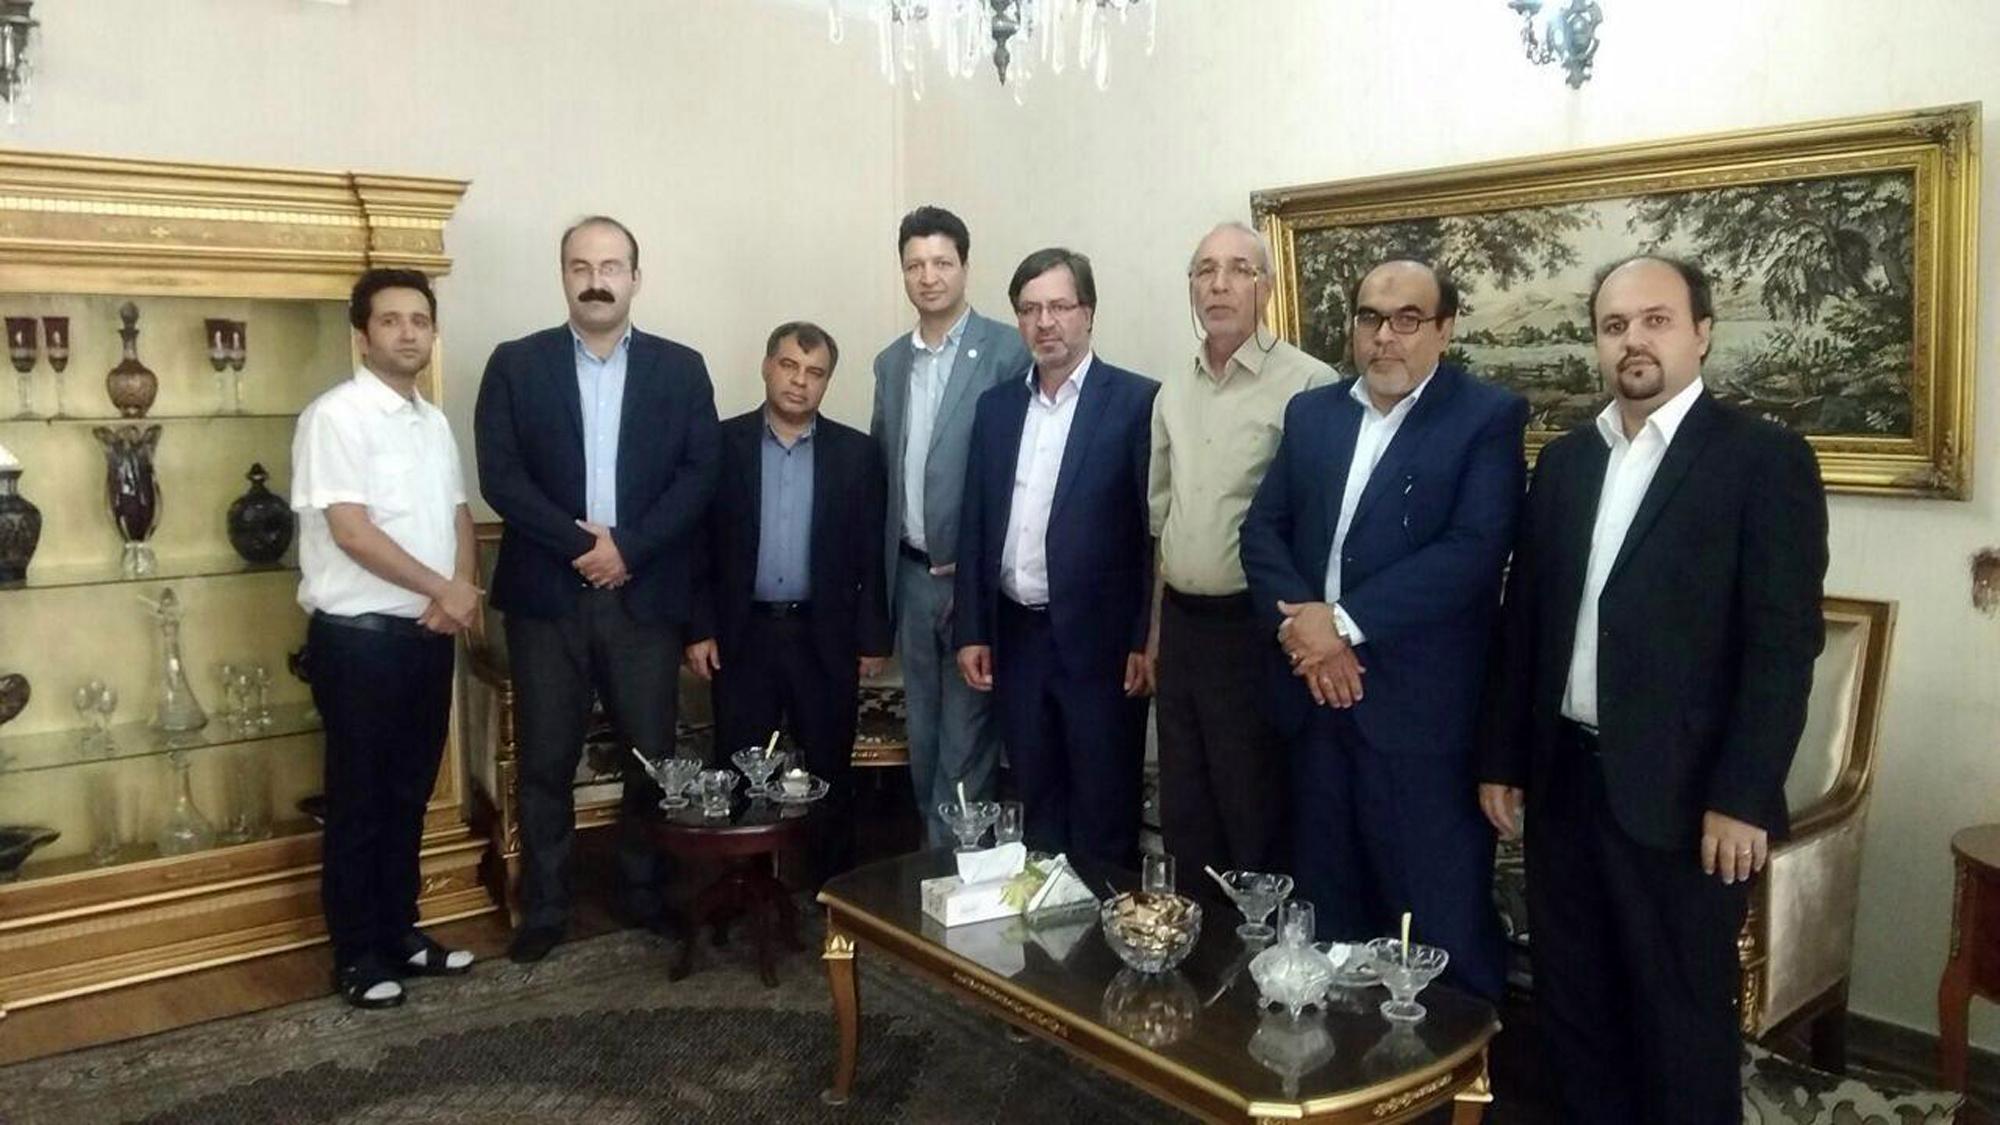 دیدار هيات مدیره كانون با تعدادي از سادات سردفتر و دفتريار